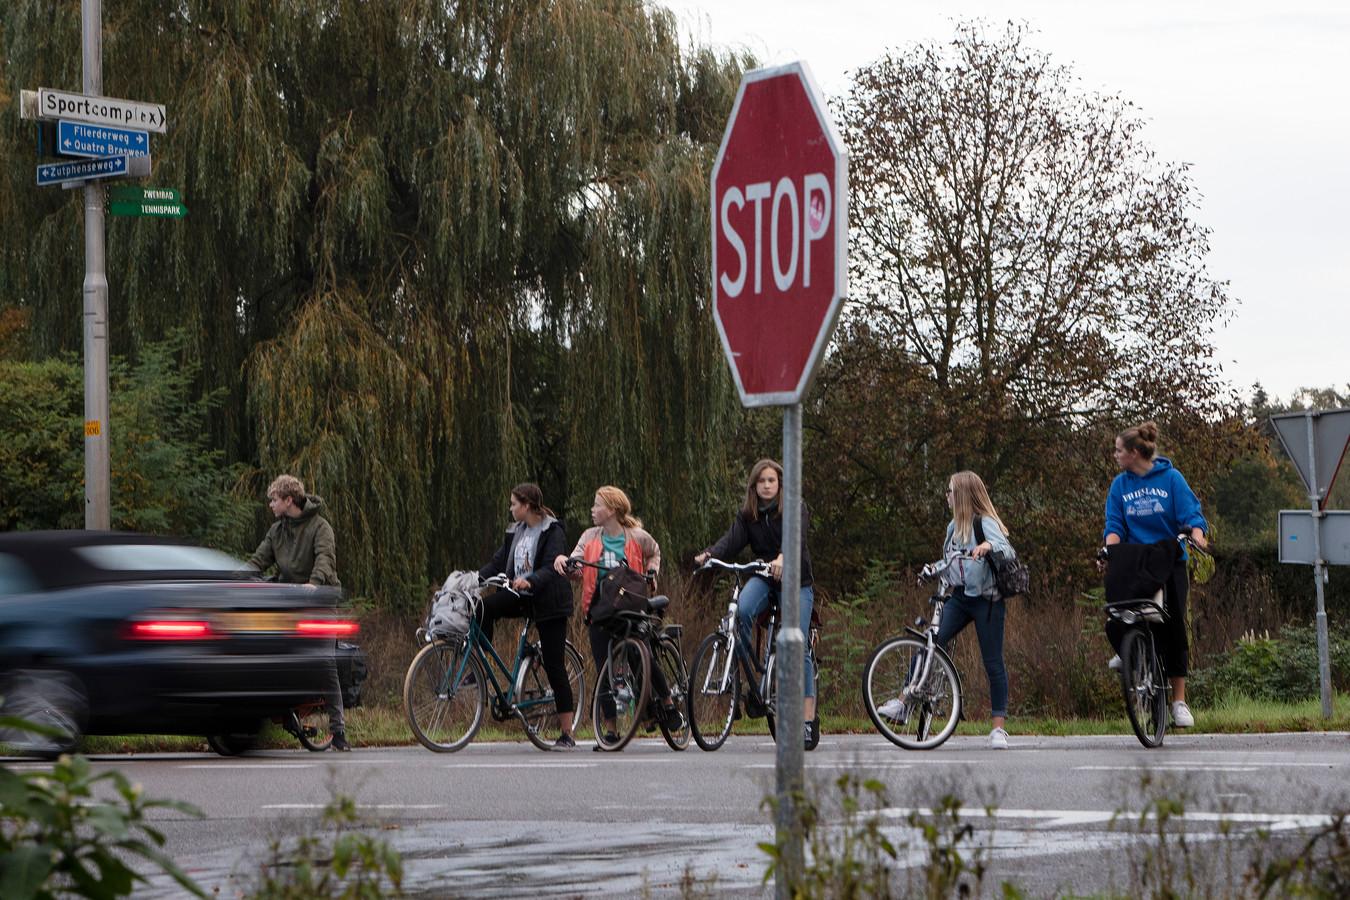 Een oversteek van de N348 bij Gorssel. Voor fietsers tussen Gorssel en Zutphen is het er wachten en nog eens wachten om bij het gevaarlijke kruispunt over te steken.